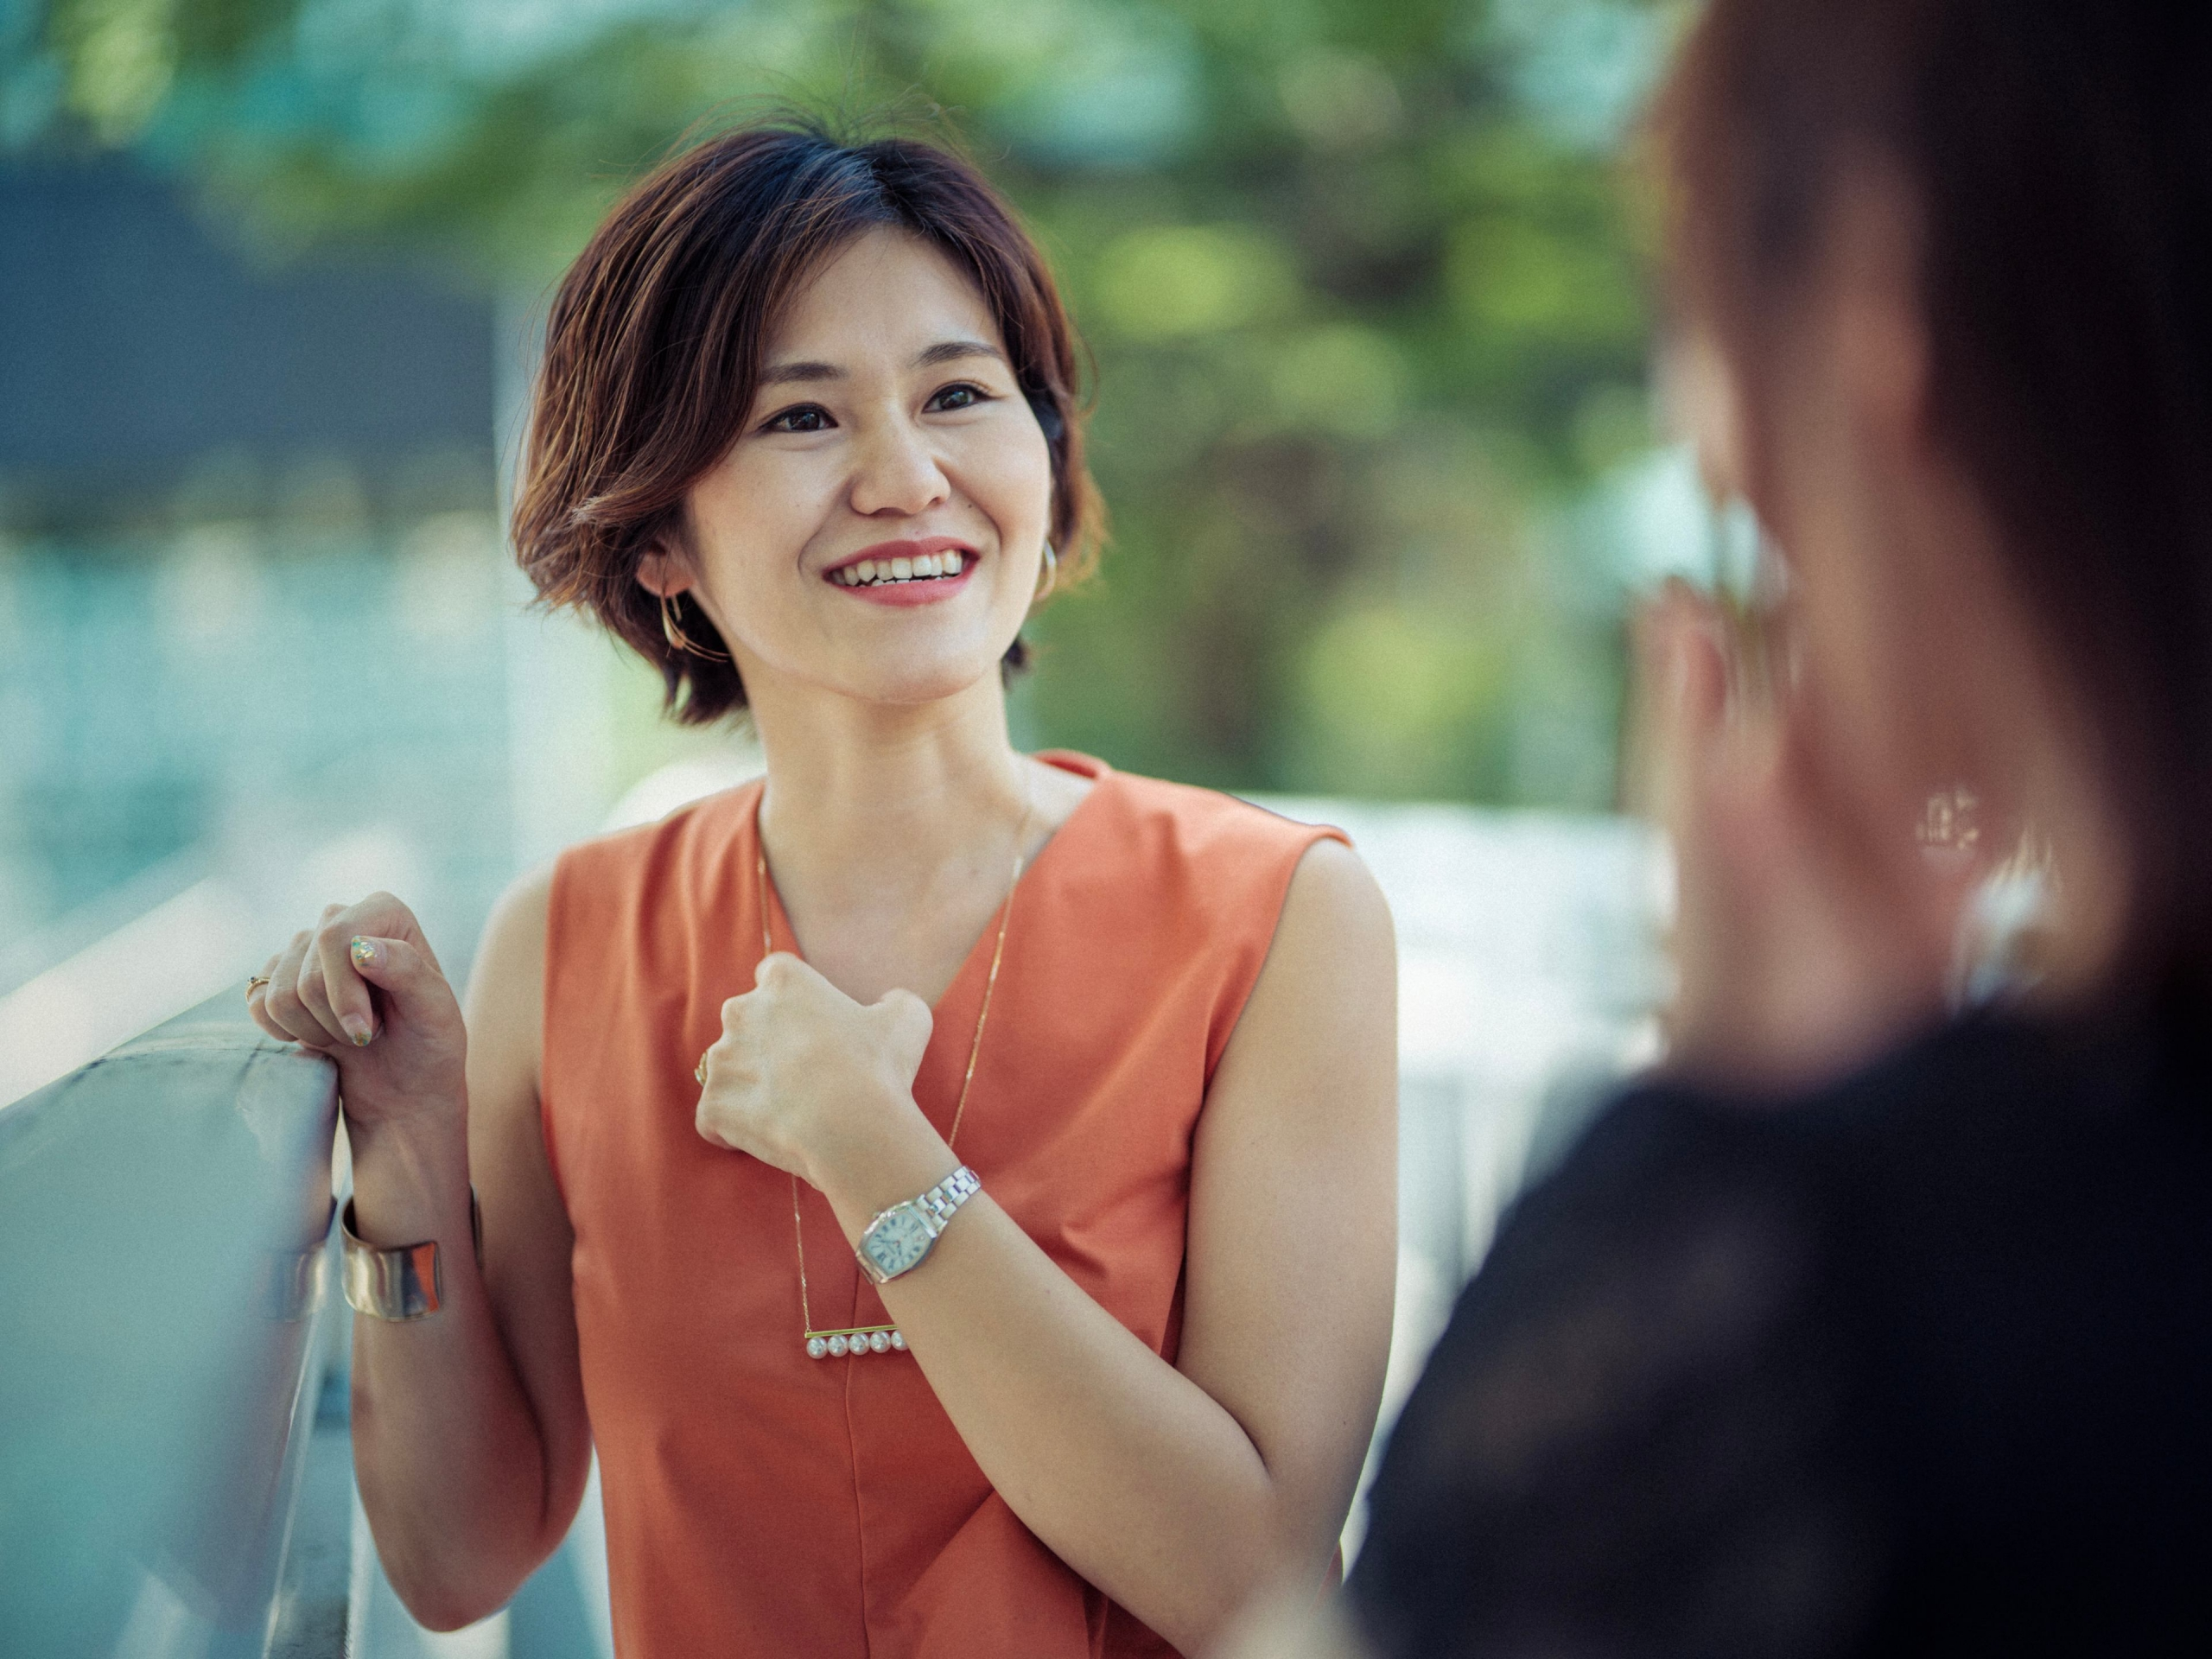 NHKからIT企業・サイボウズを経て、PR会社・LITAの経営に携わる三木佳世子さん